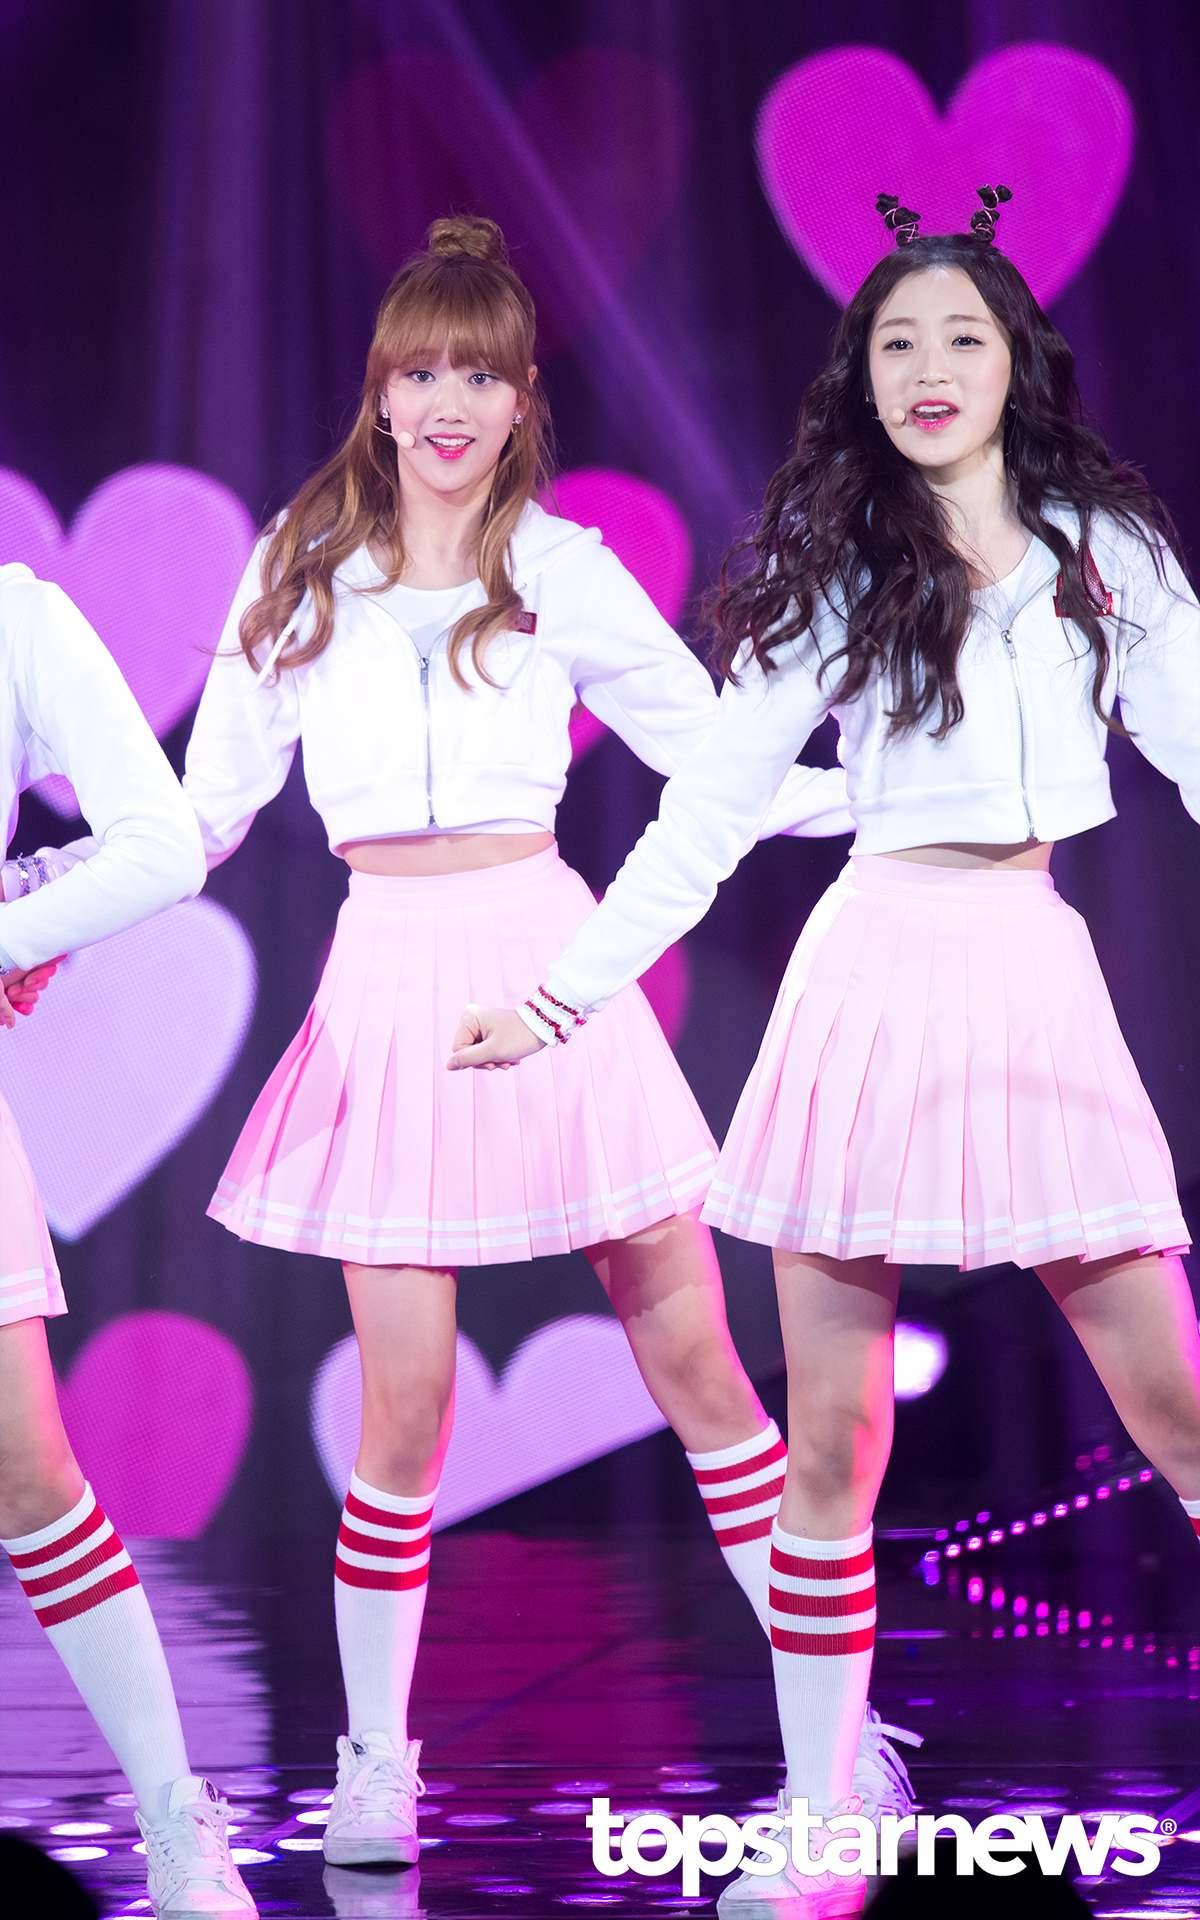 ▼APRIL 另外一組以百摺裙X短版上衣X足球襪為主打造型的還有APRIL!以今年最流行的粉紅色搭配短版帽Tee外套,青春氣息滿分!